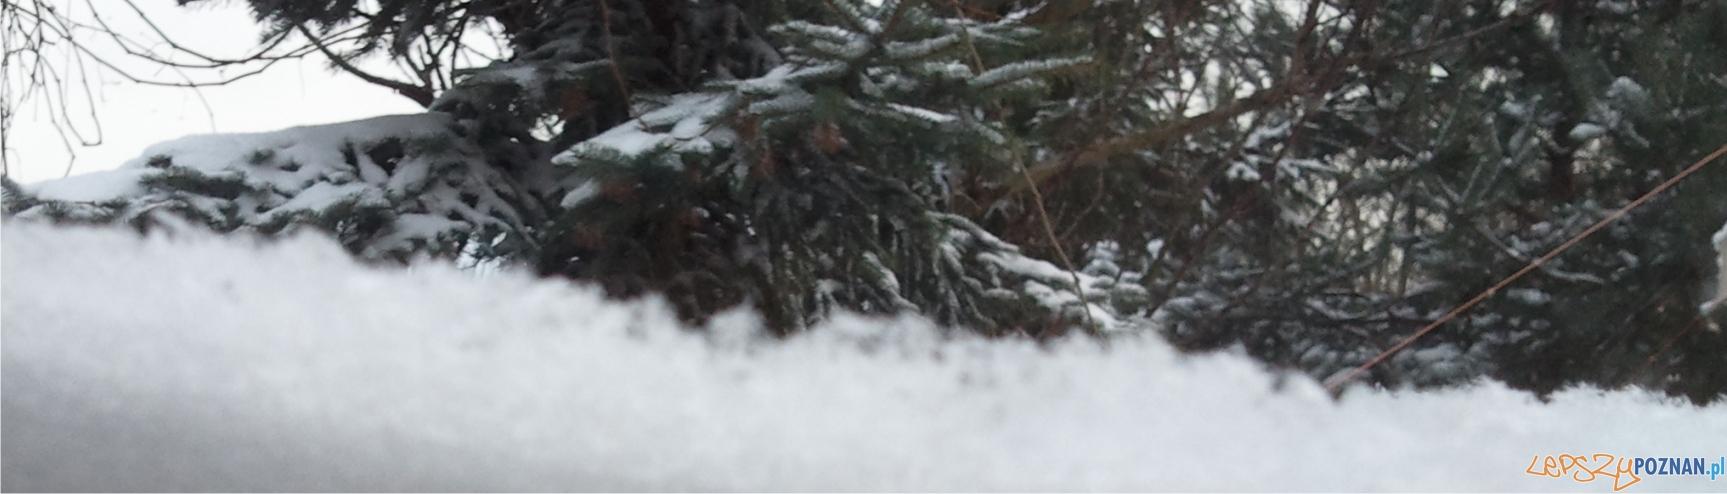 panorama zima  Foto: lepszyPOZNAN.pl